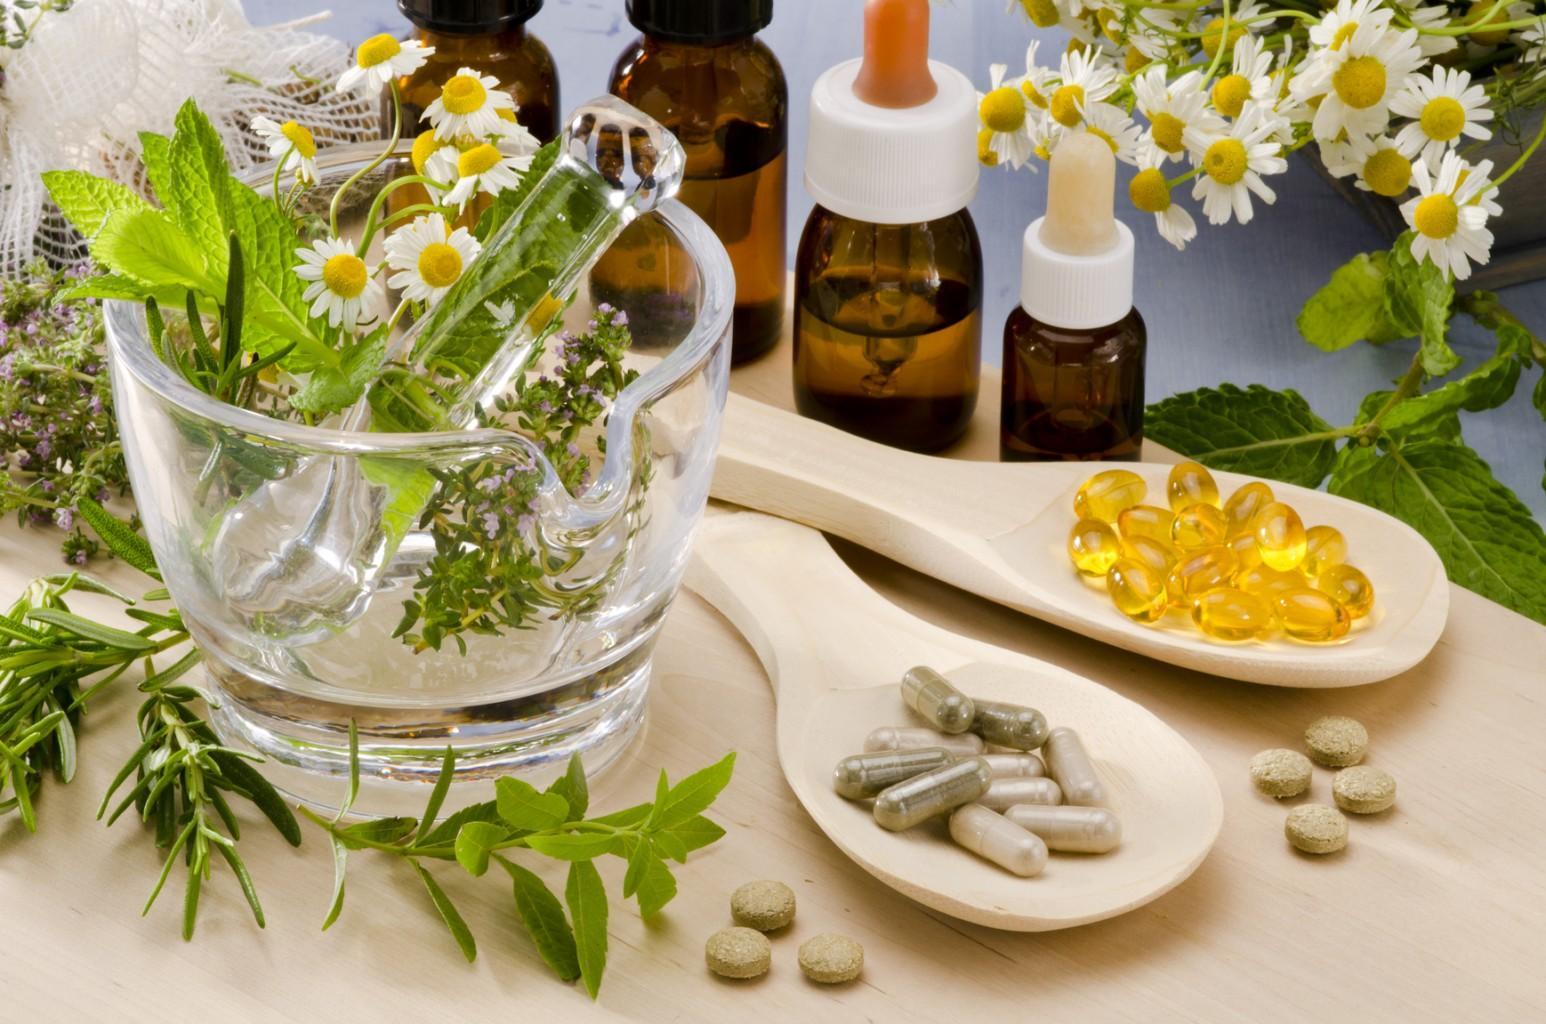 Как уменьшить кислотность желудка - понизить препаратами, народными средствами, травами и питанием